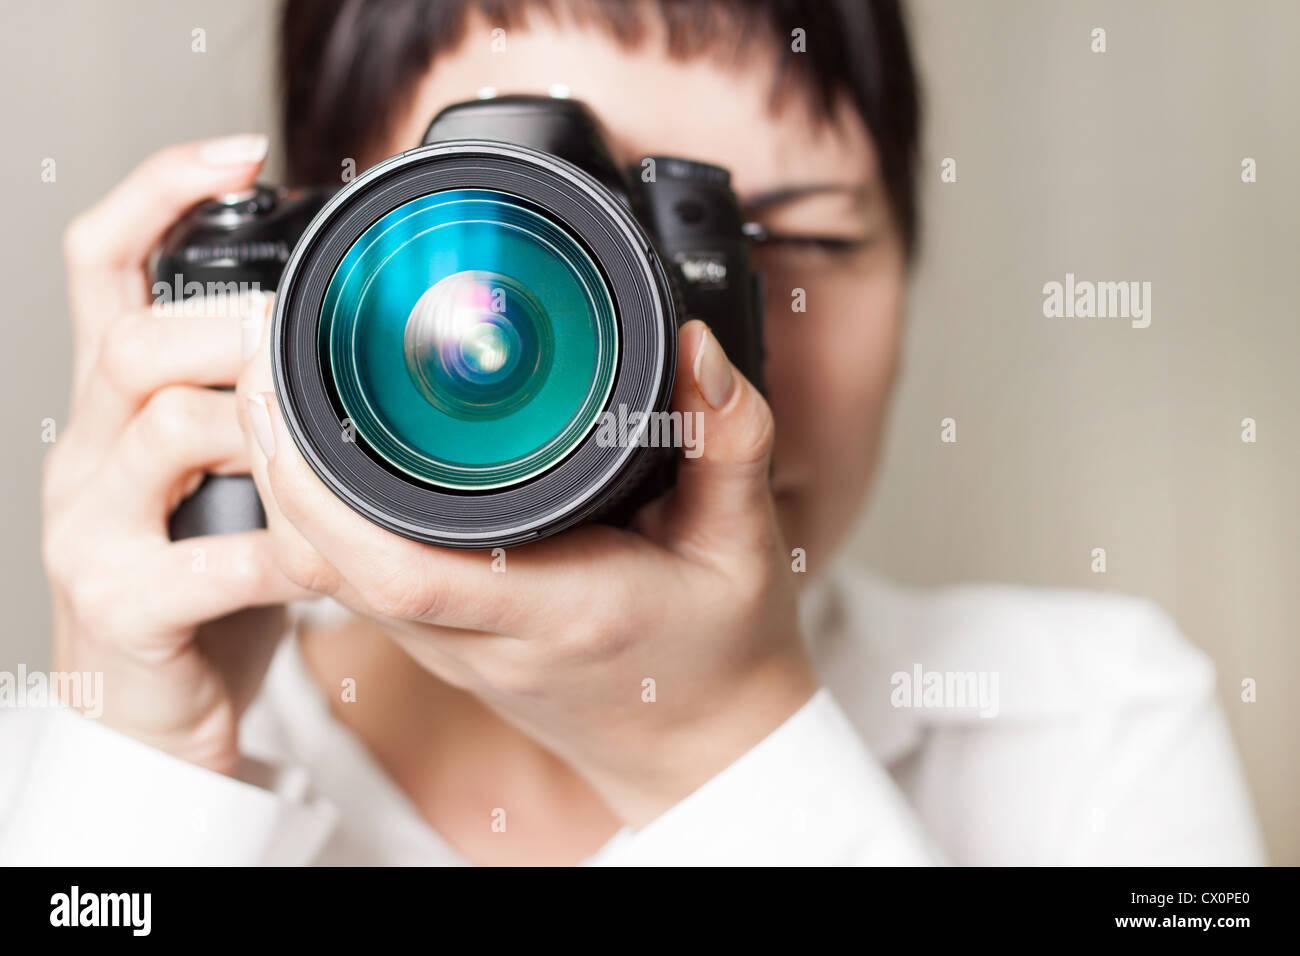 Pretty Woman è un fotografo professionista con fotocamera reflex digitale Immagini Stock